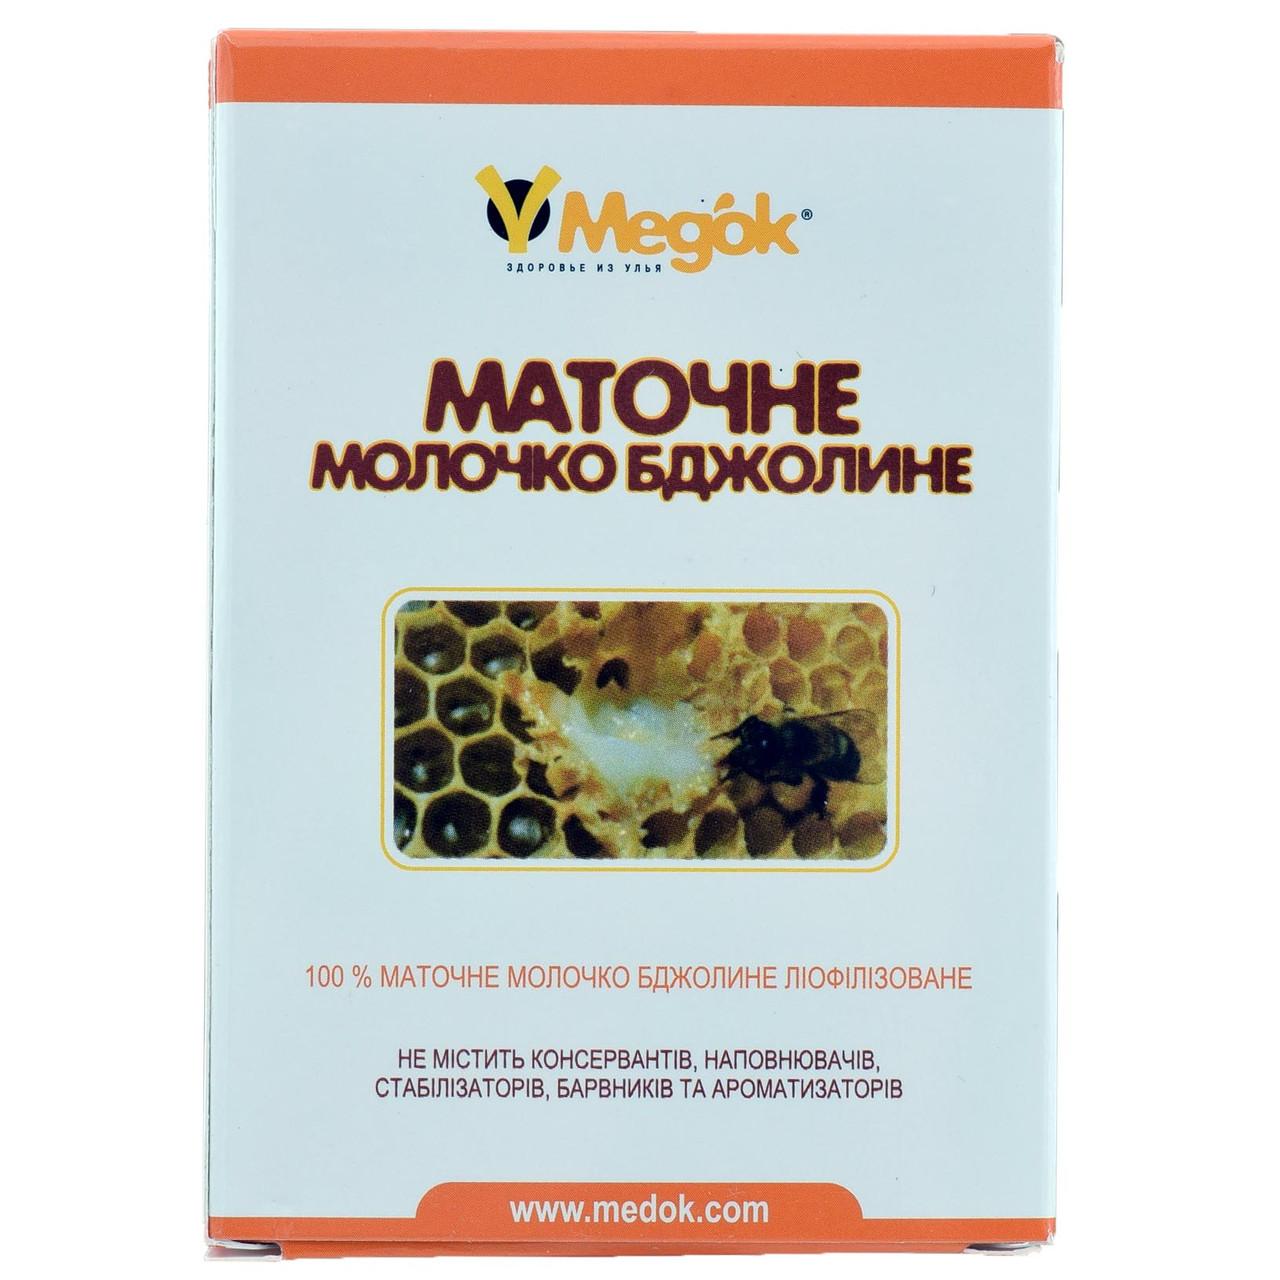 Маточне молочко Медок 100% бджолине ліофілізоване 10 капсул